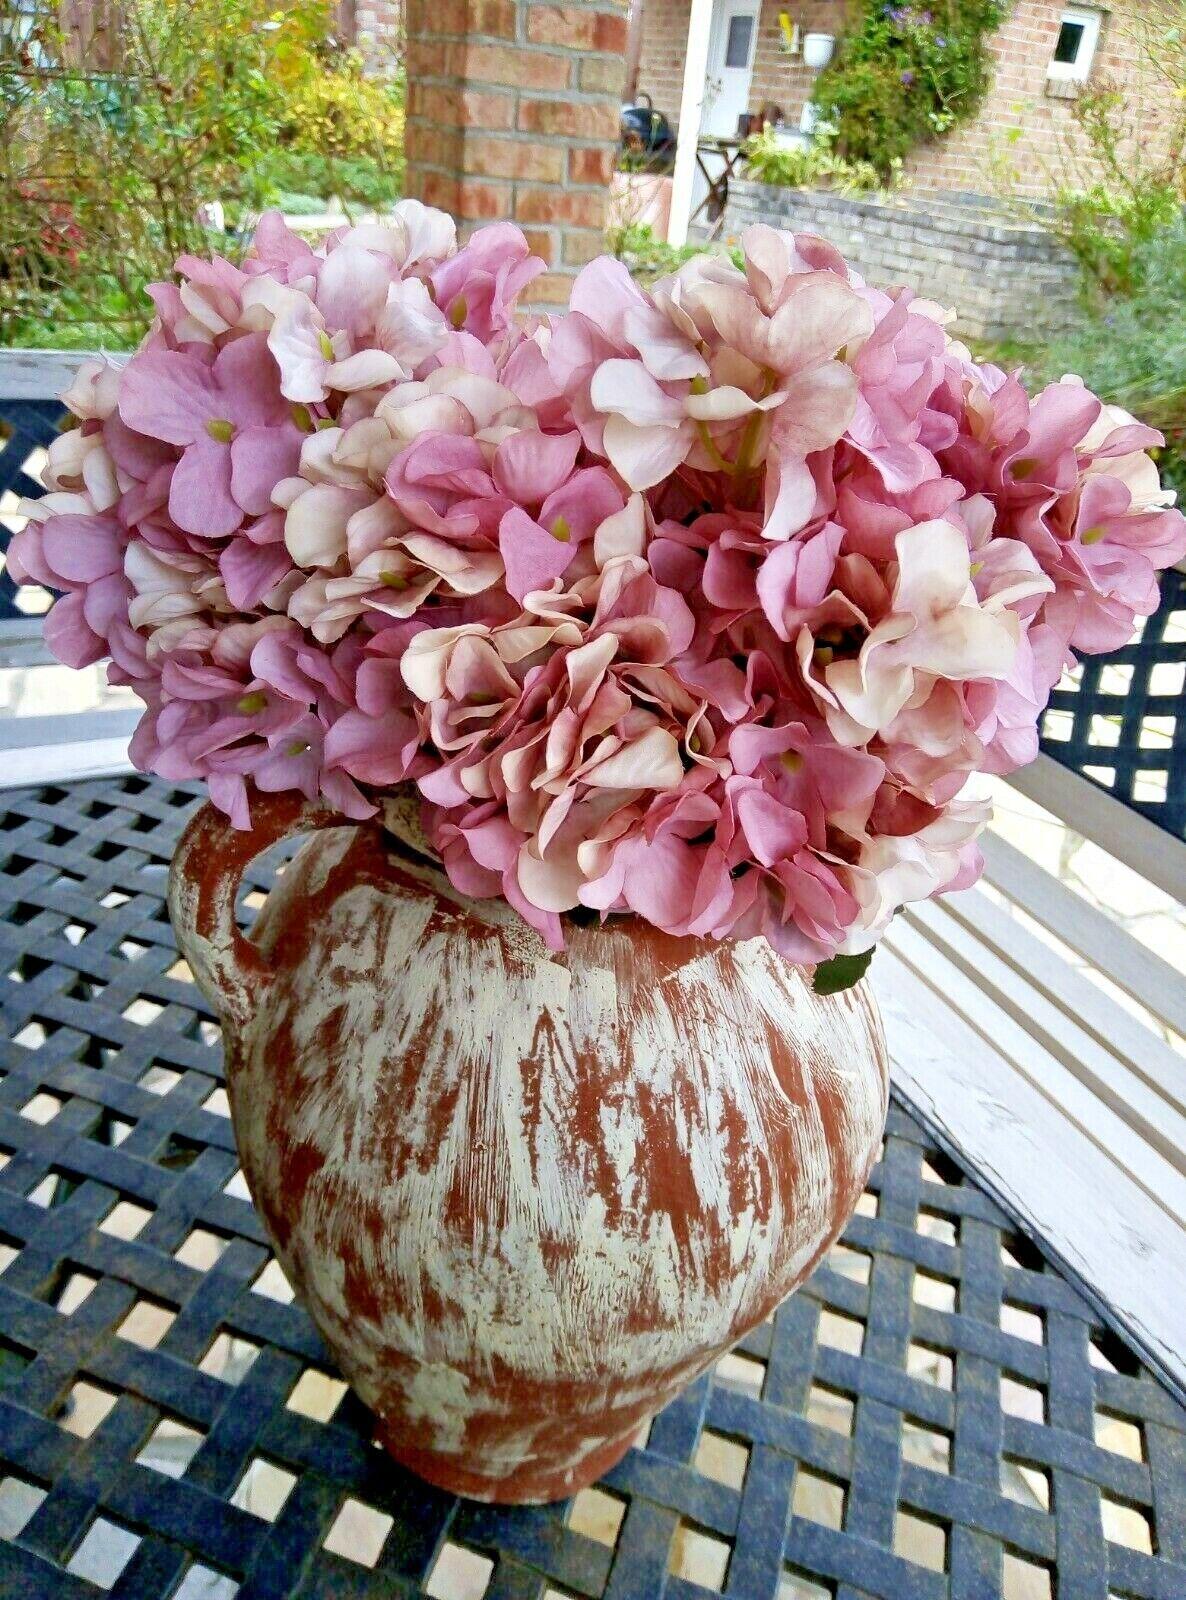 Hortensie Kunstblumen Seidenblumen Blume Shabby Chic rosa mit 6 Blüten